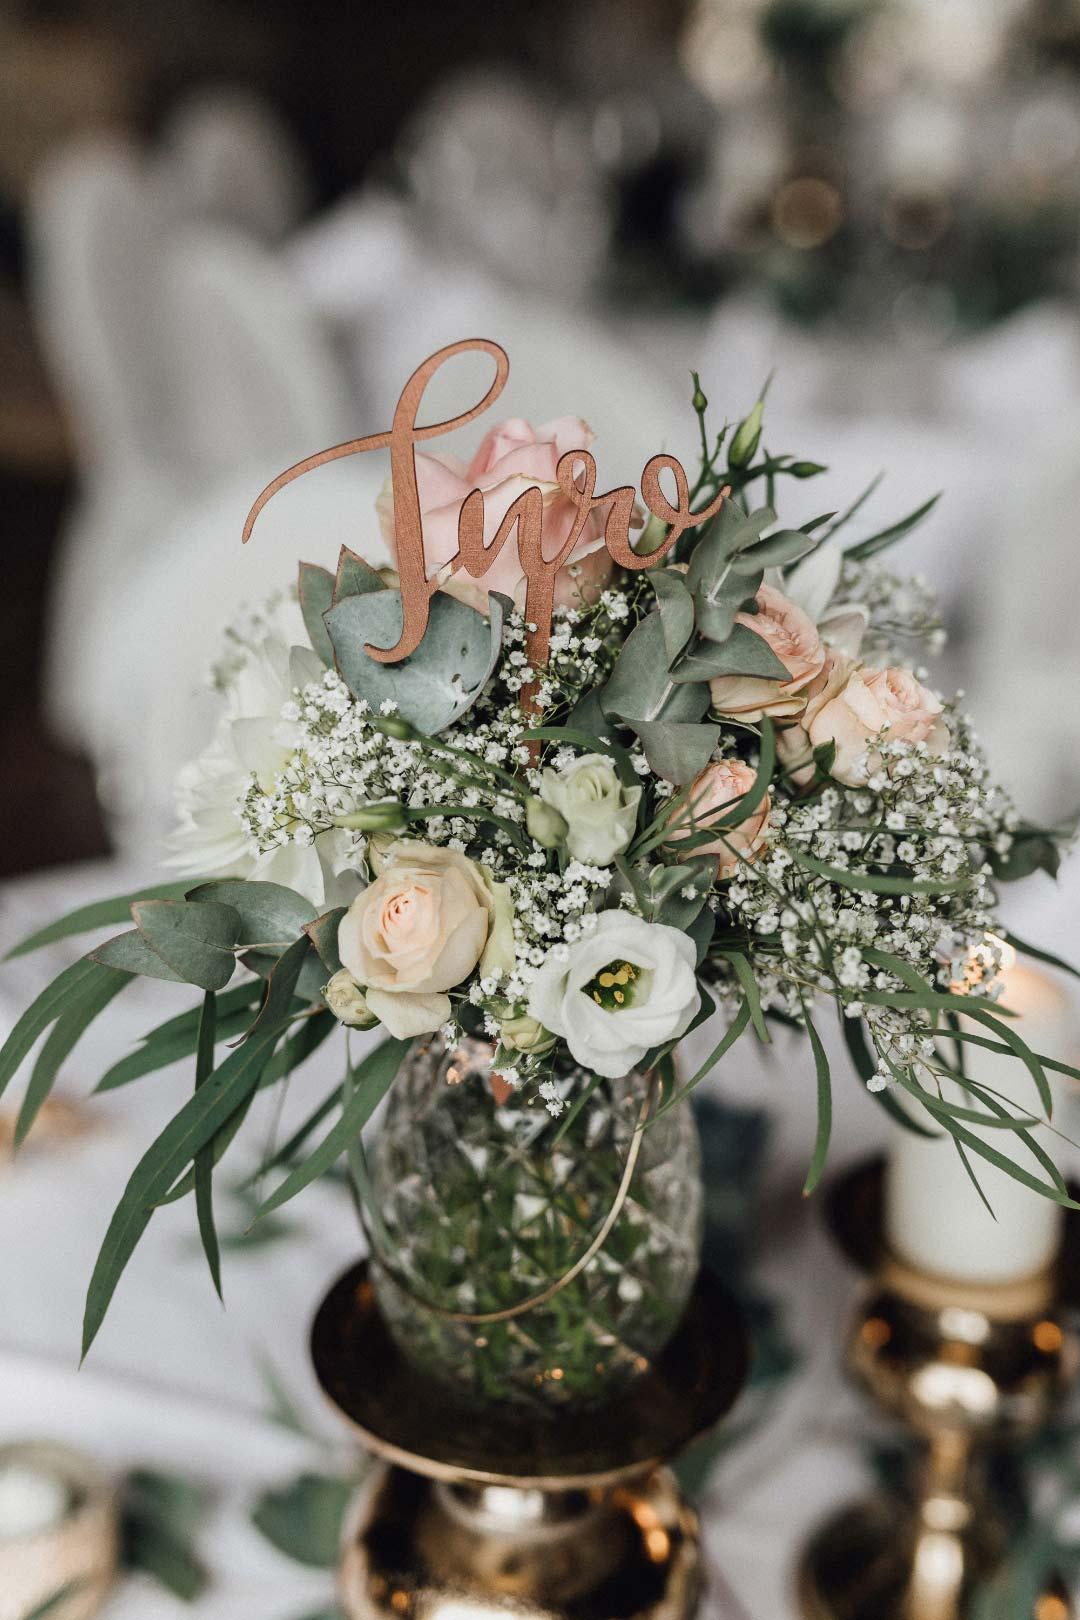 TIschnummer bei der Hochzeit als Stecker in den Blumen